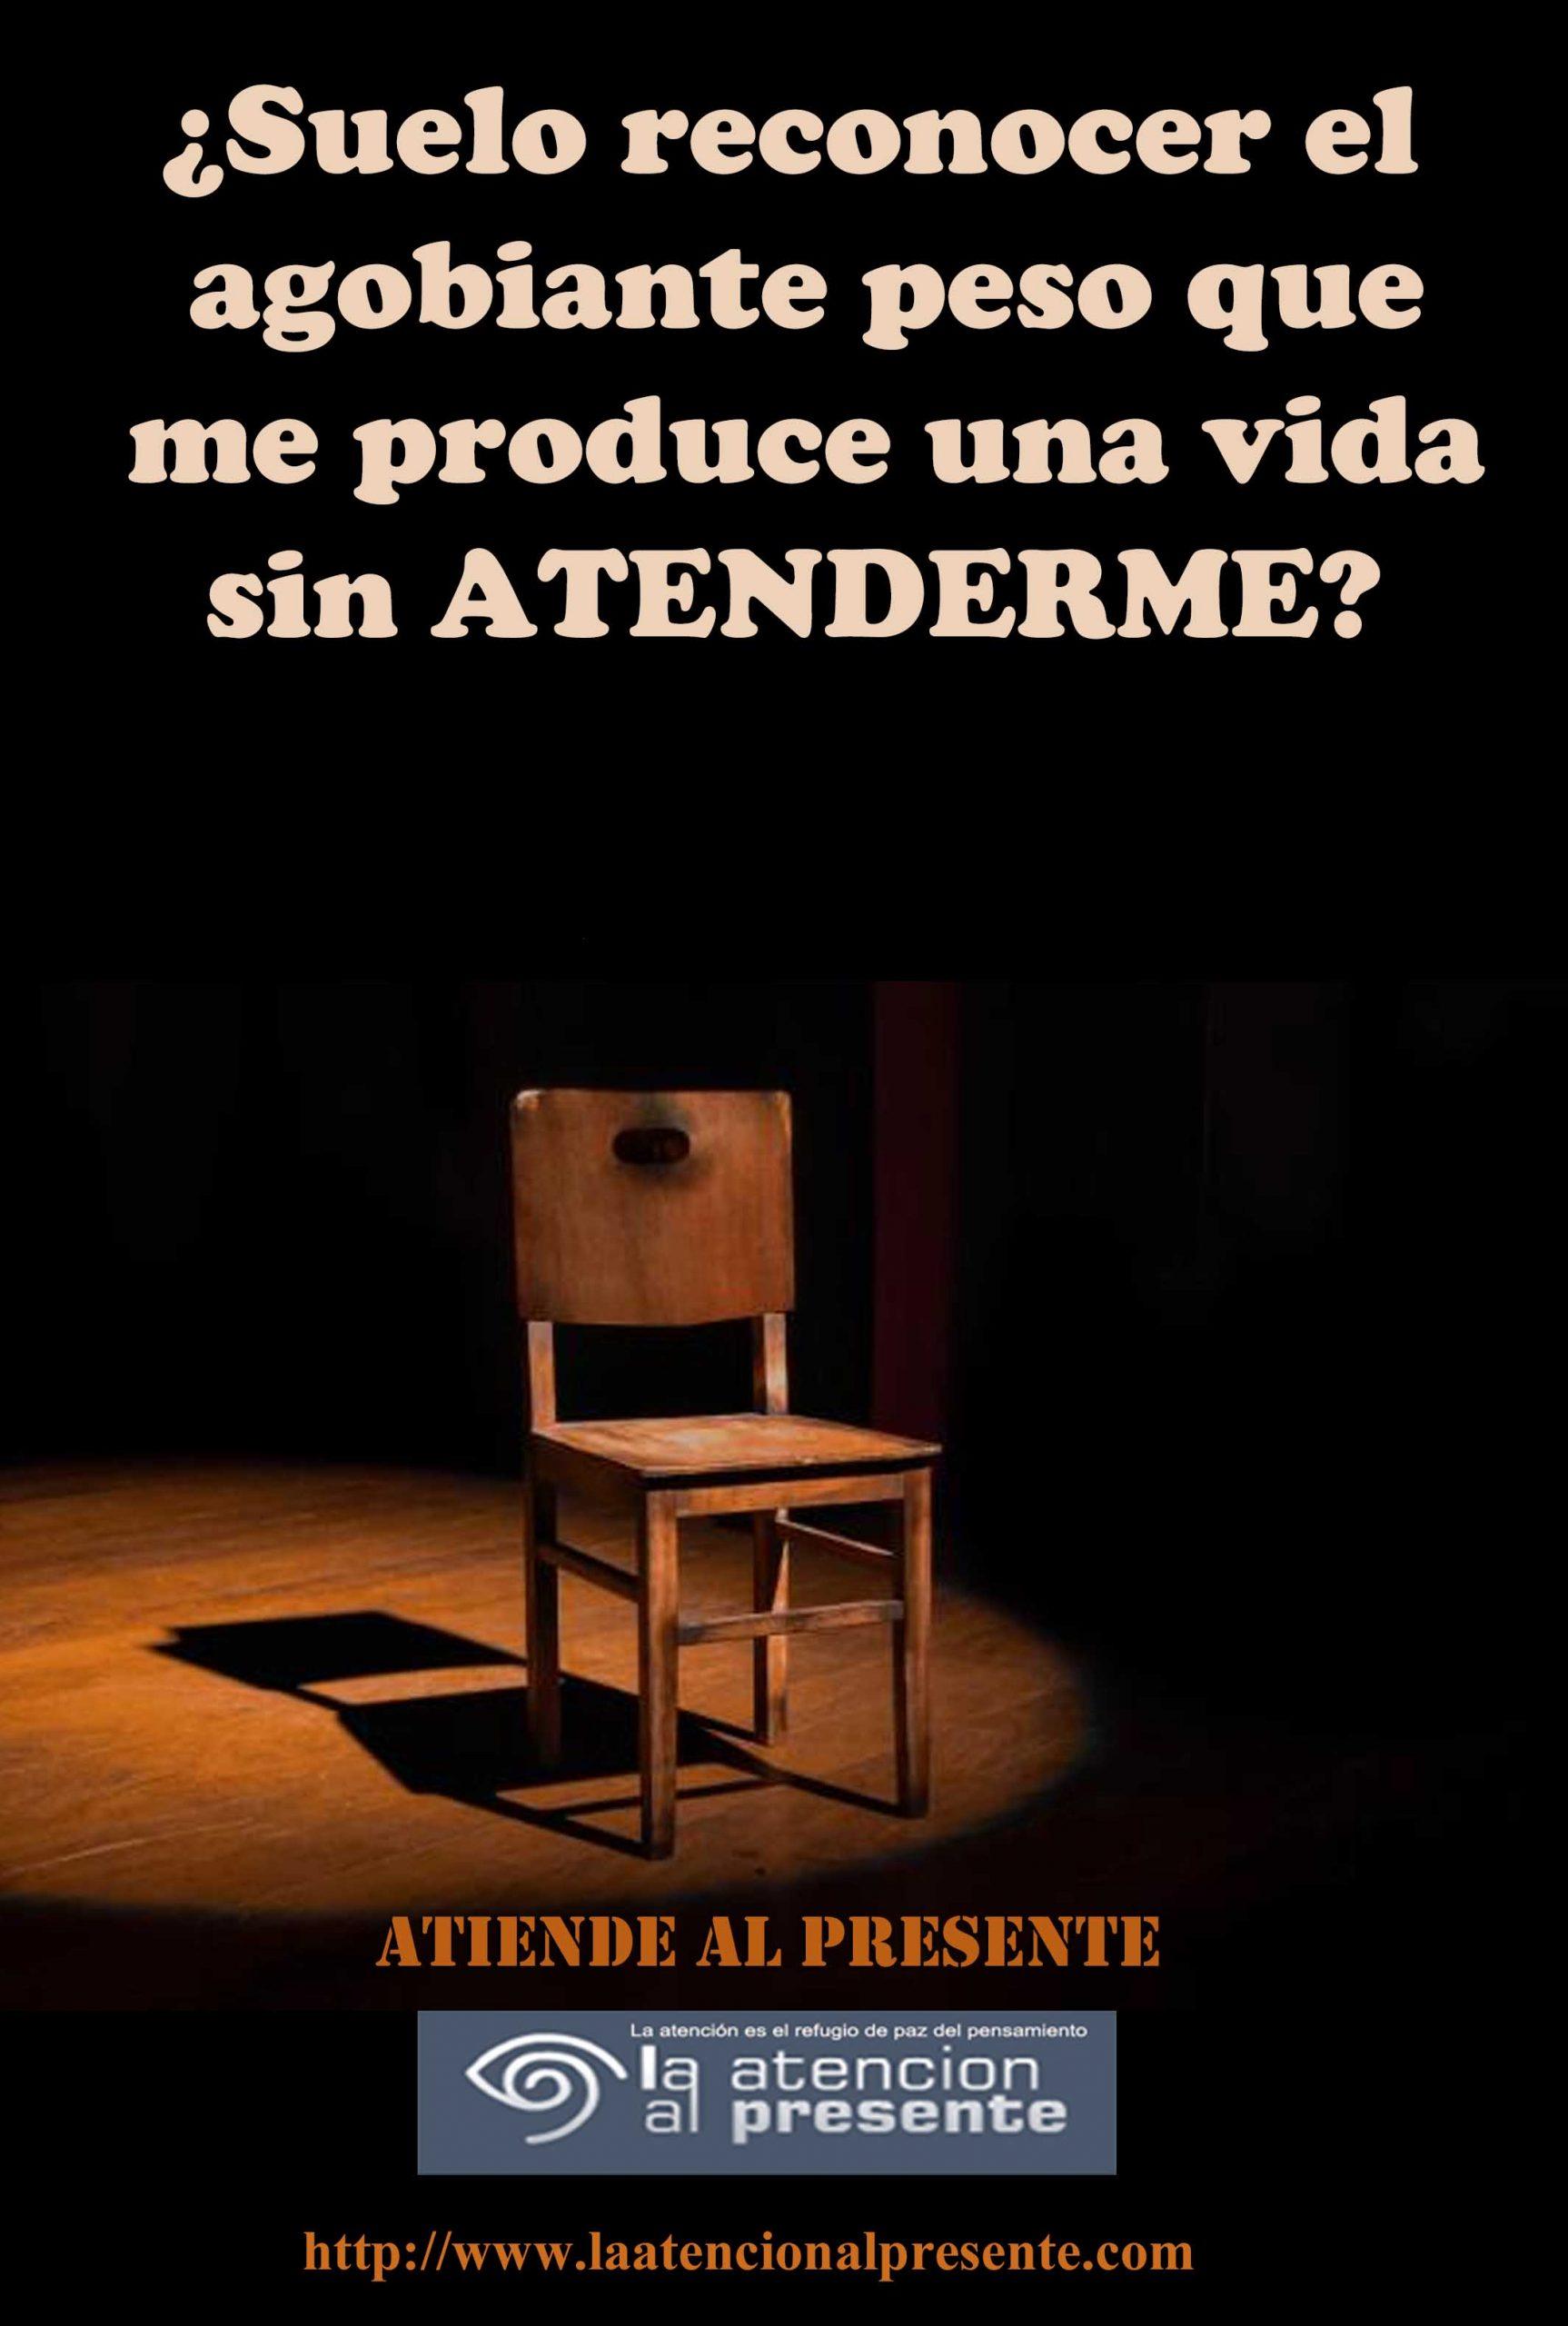 20 de junio Esteban Suelo reconocer el agobiante peso que produce una vida sin ATENDERME min scaled